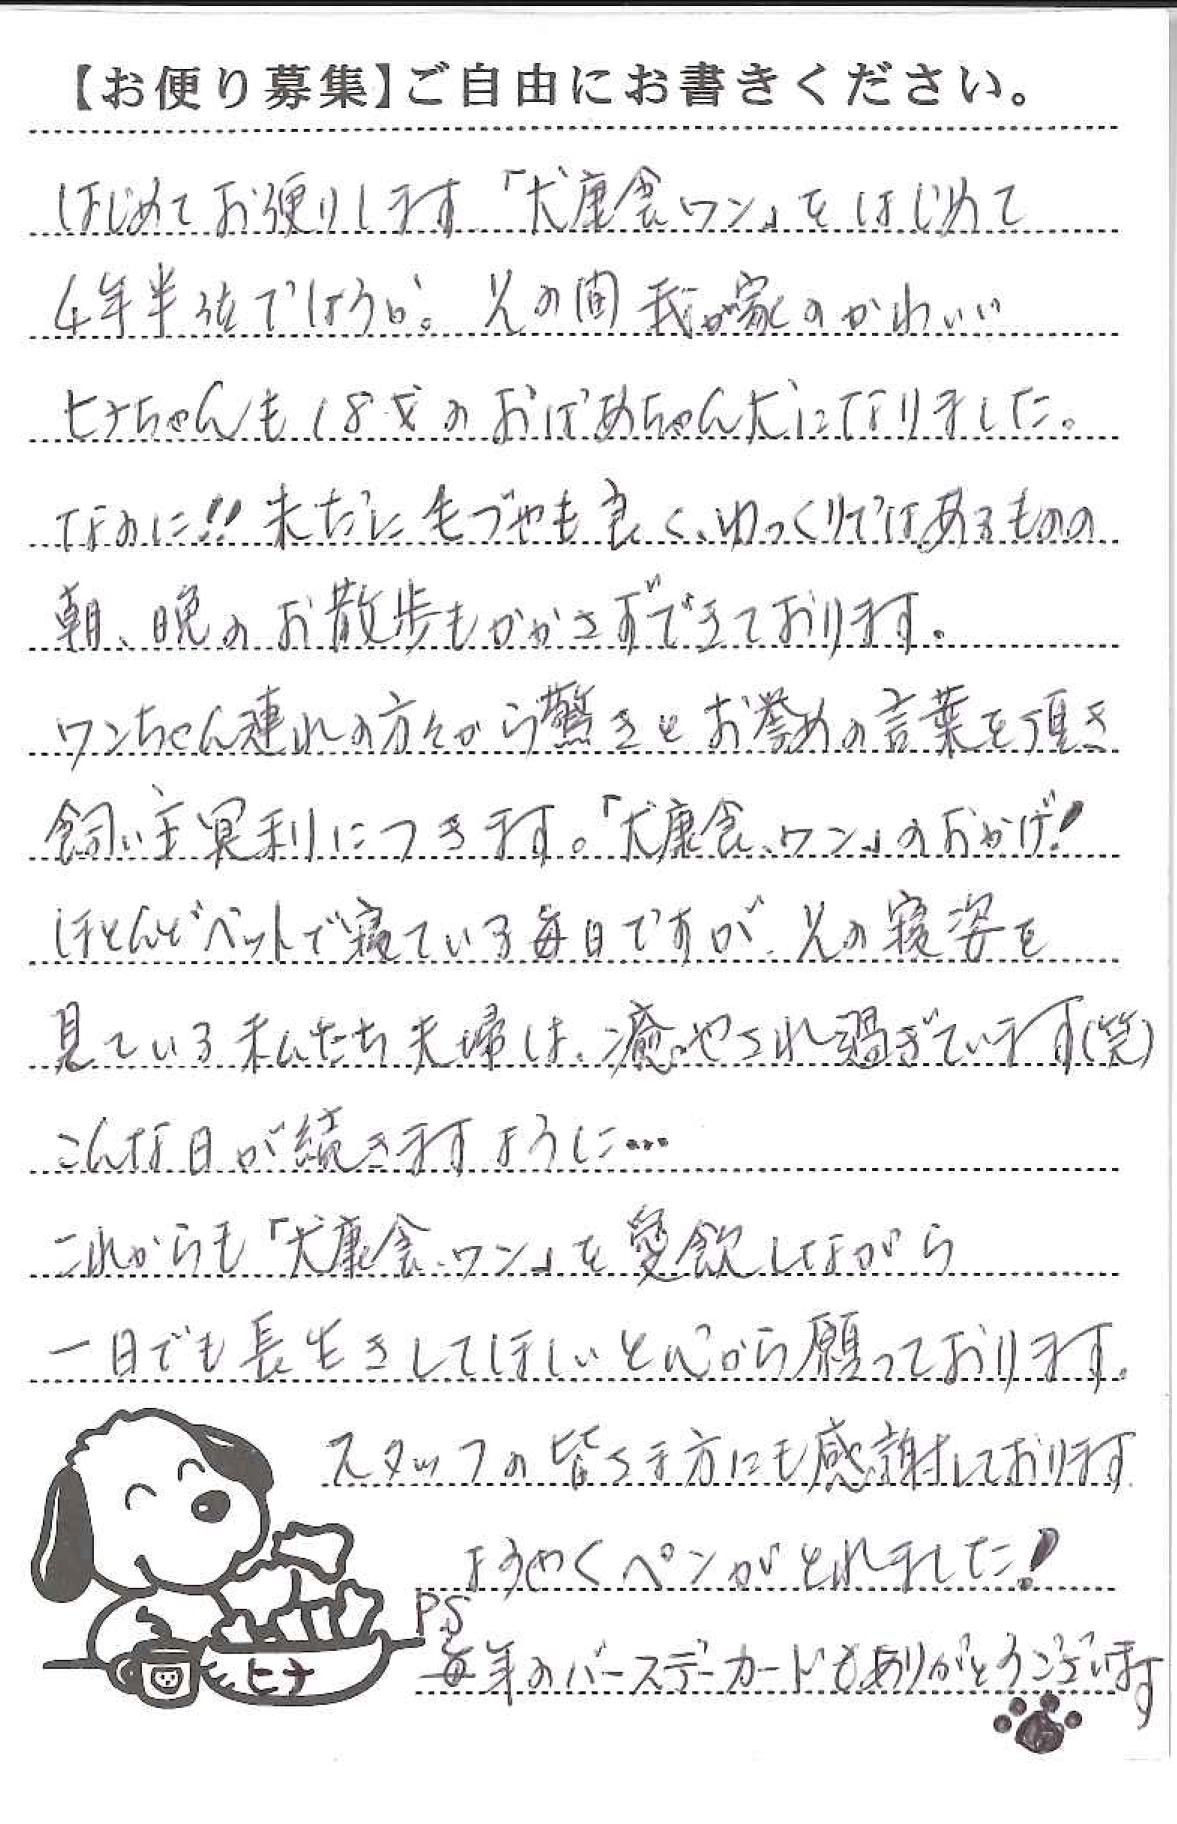 ヒナちゃん 画像2